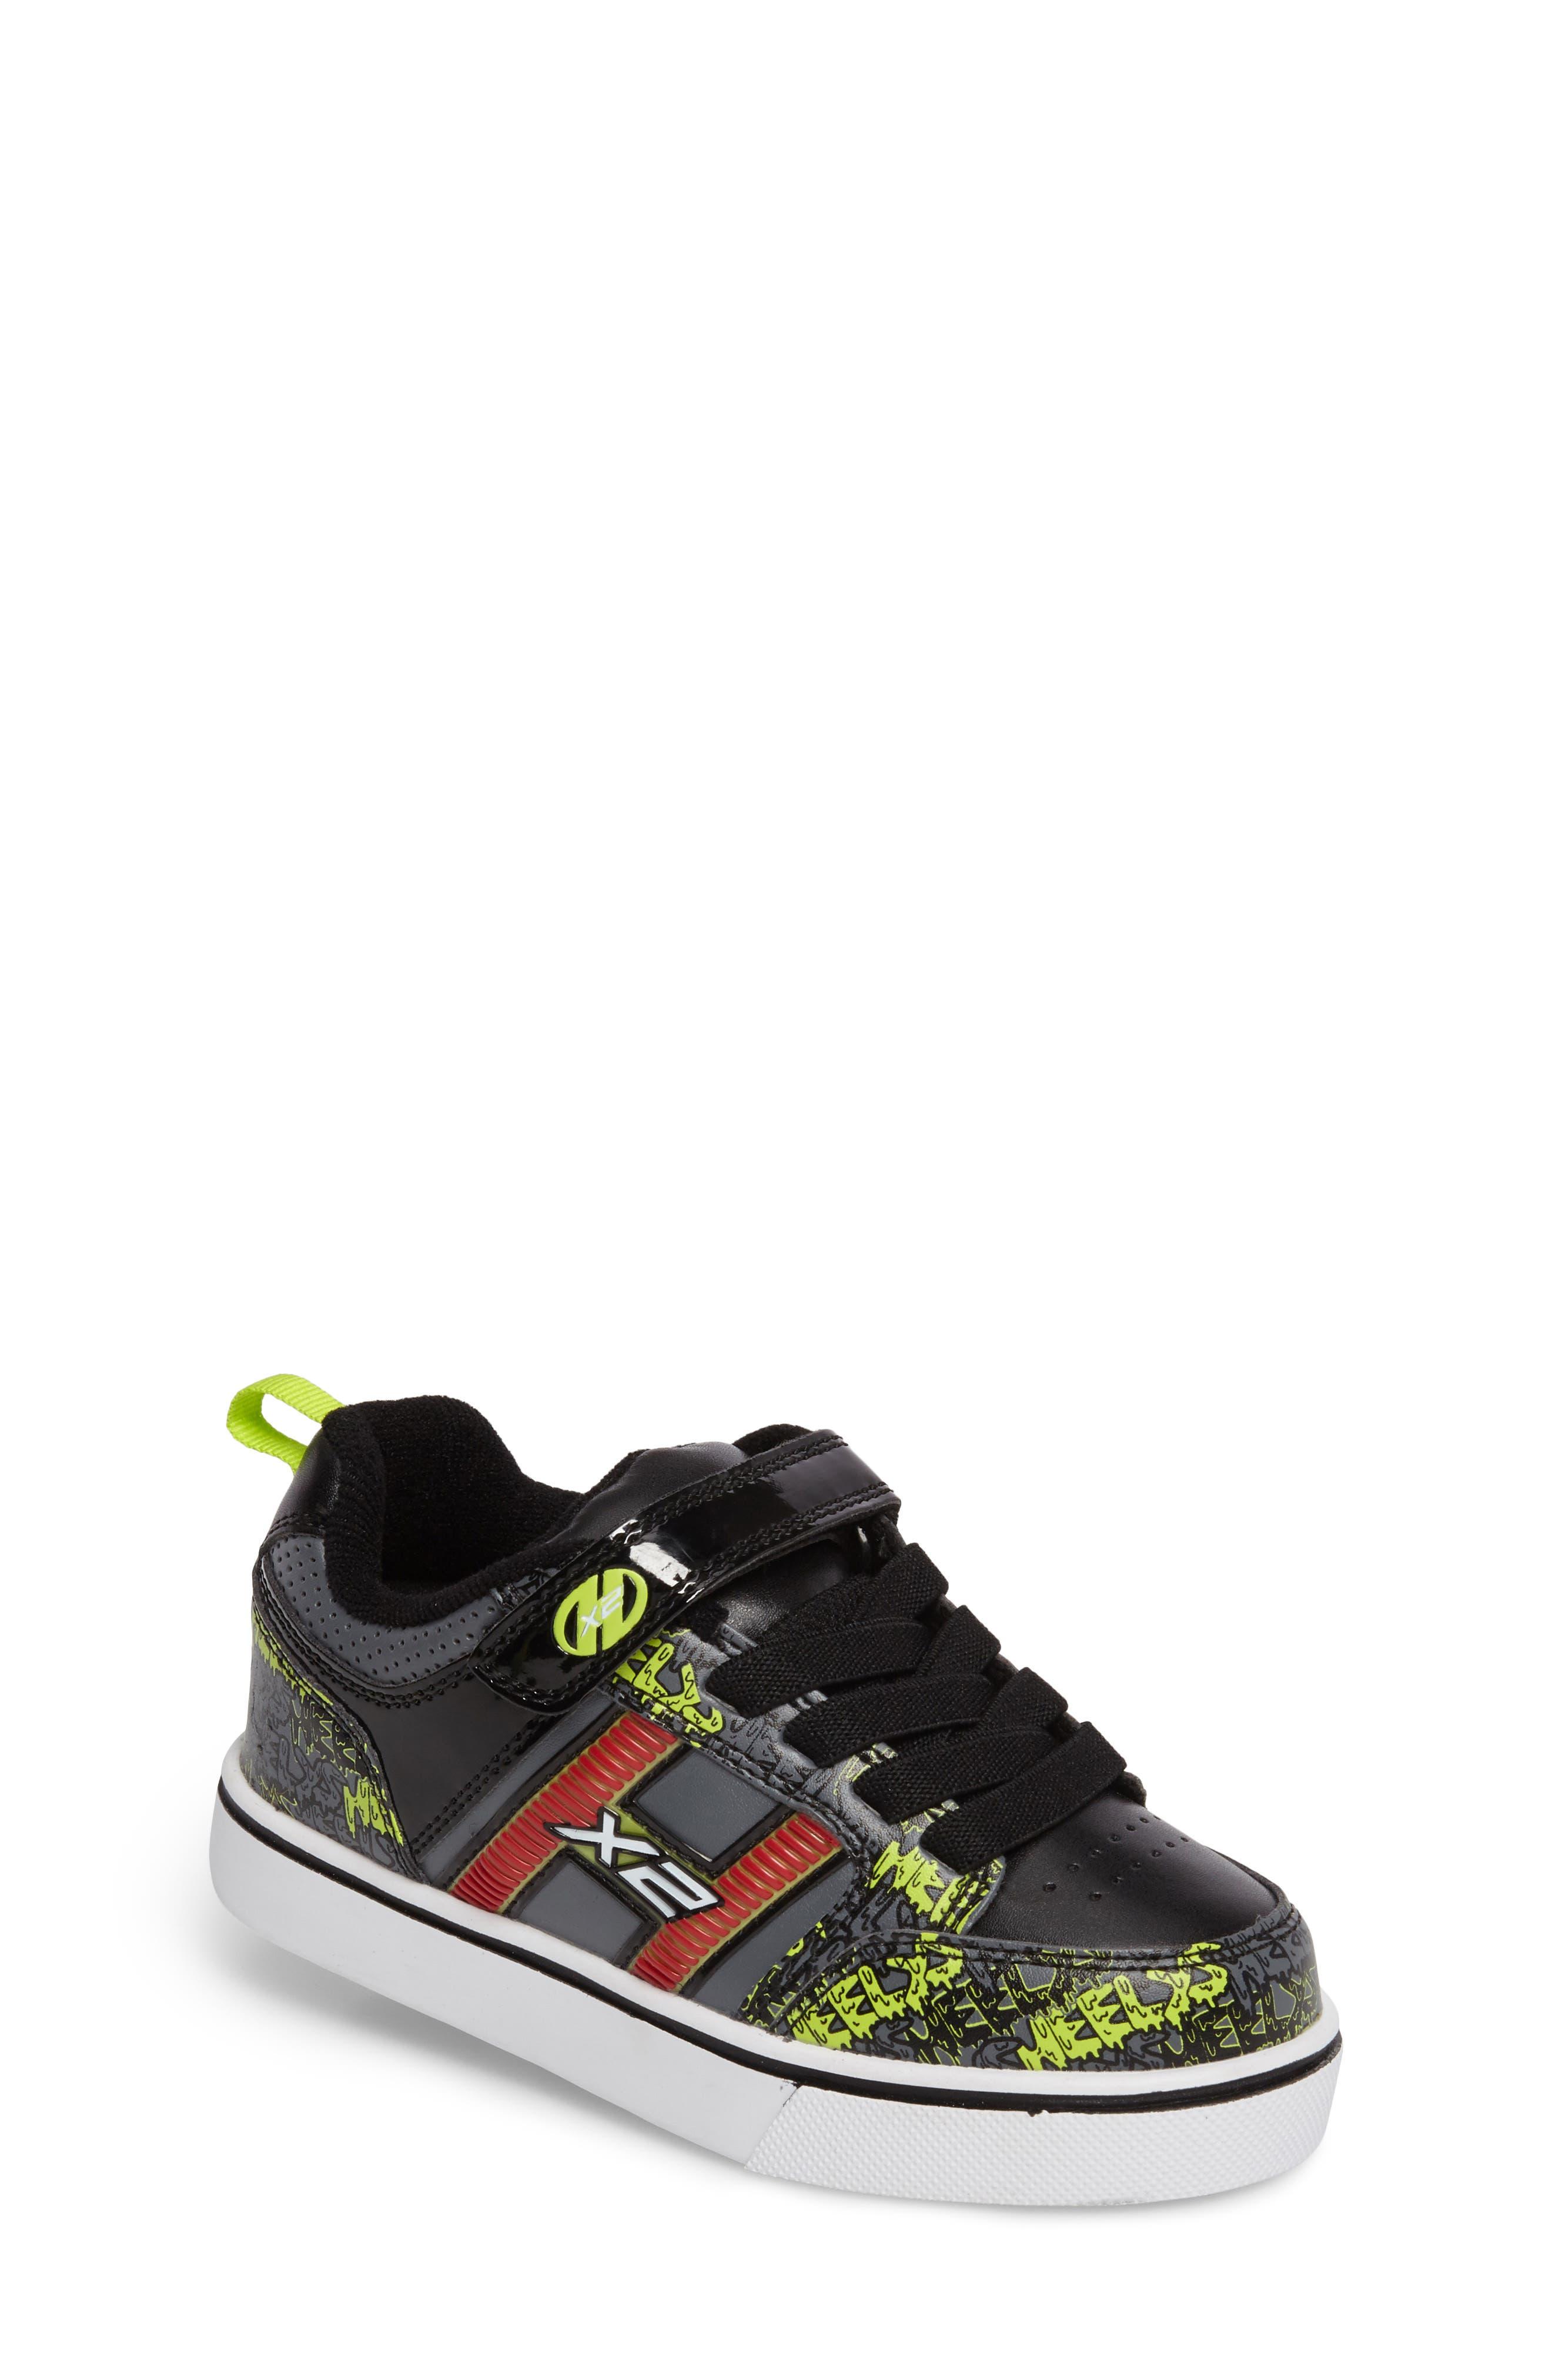 Main Image - Heelys Bolt Light-Up Skate Shoe (Toddler & Little Kid)